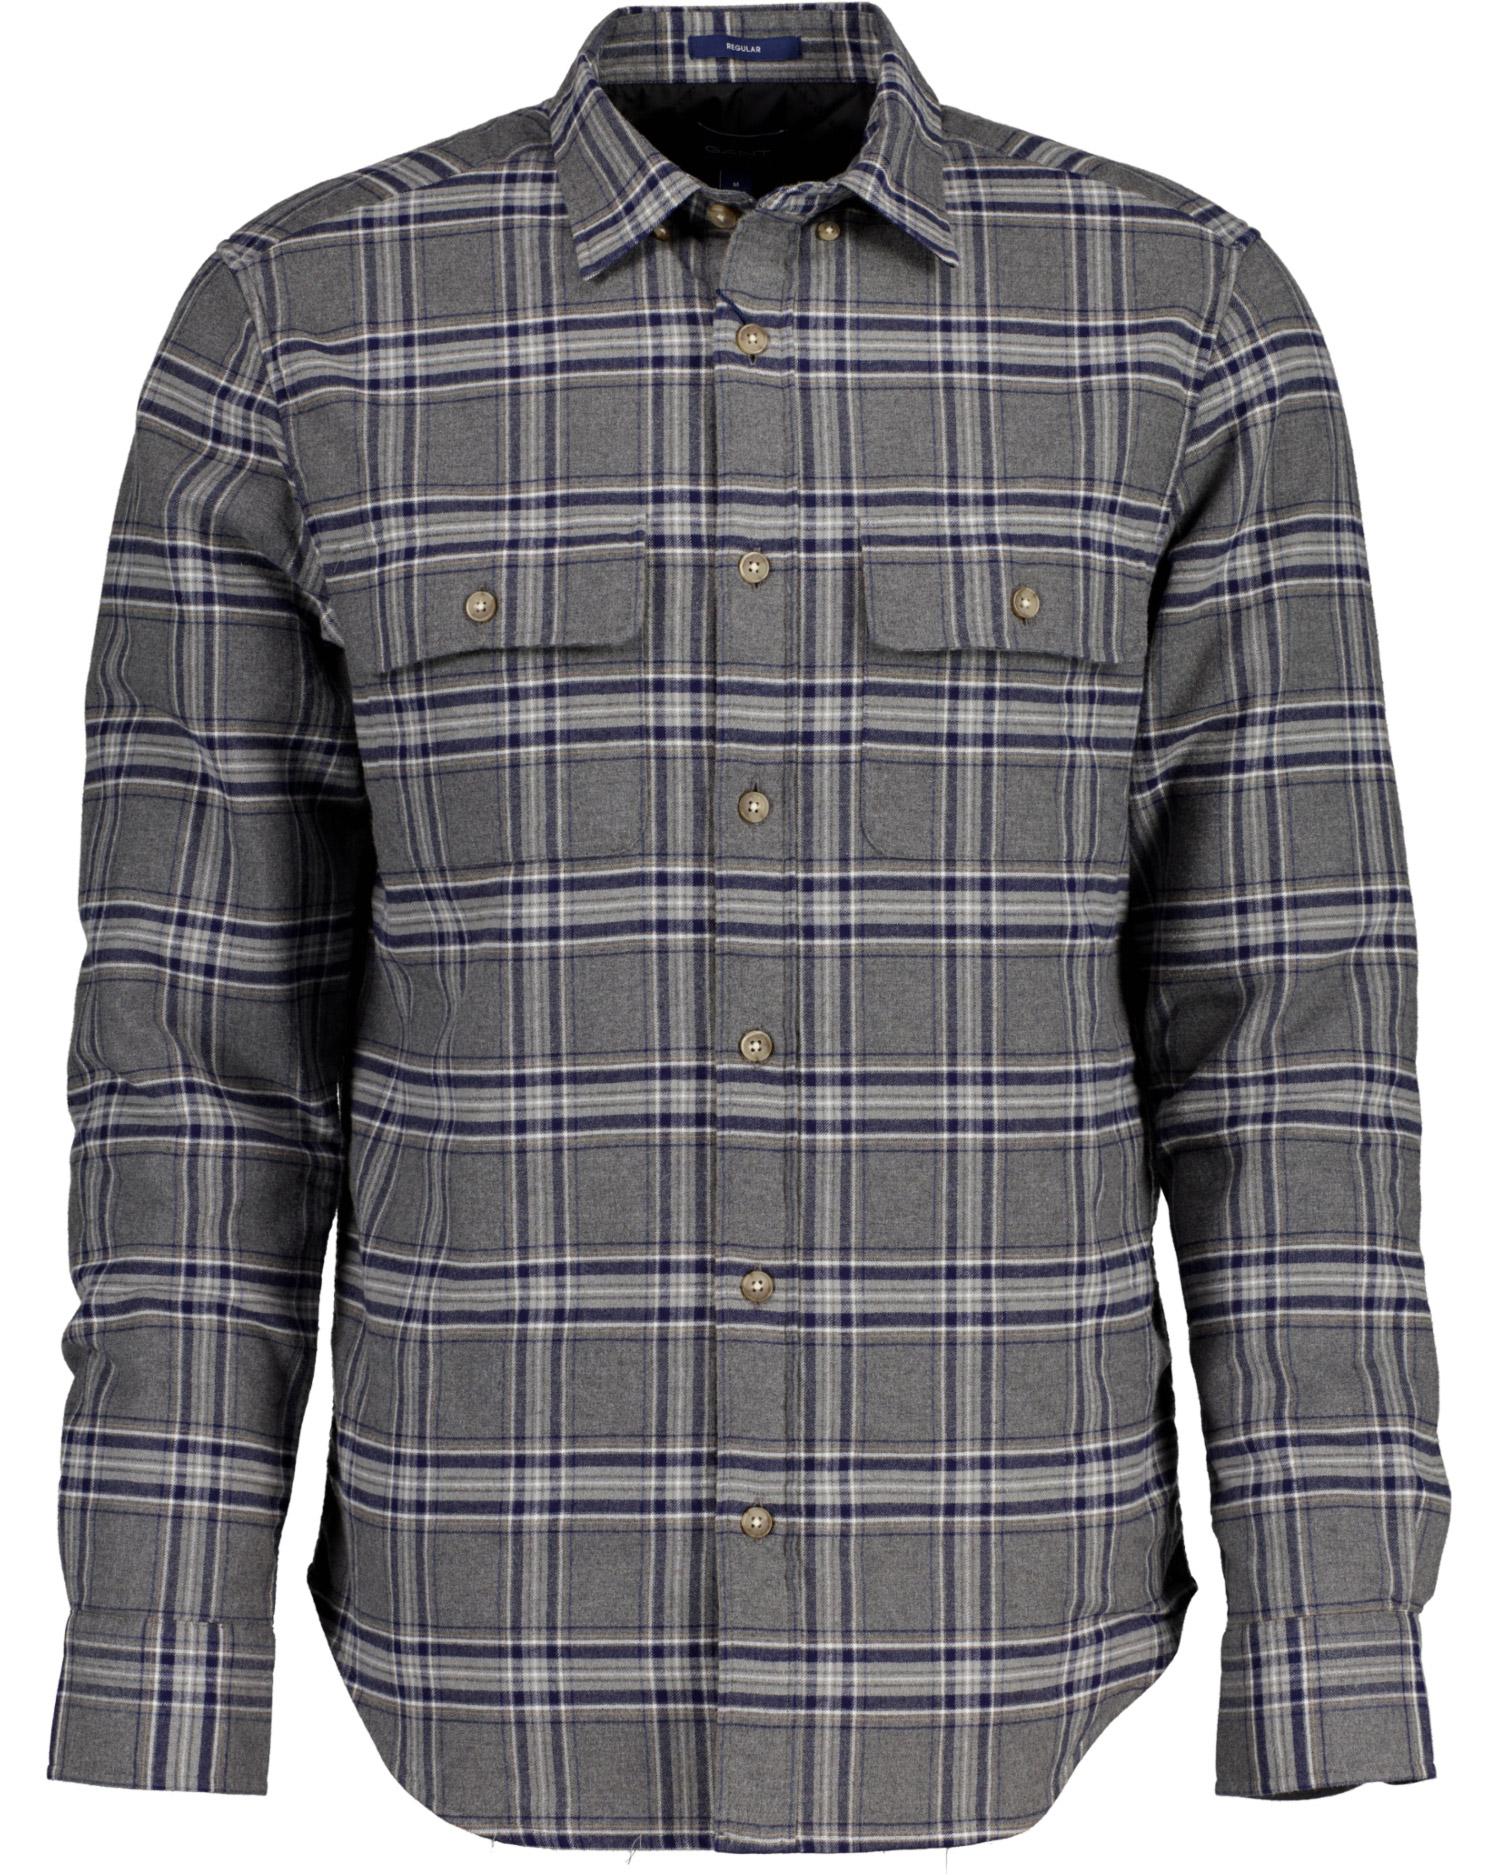 GANT męska koszula wierzchnia w kratkę ocieplana - 3017776